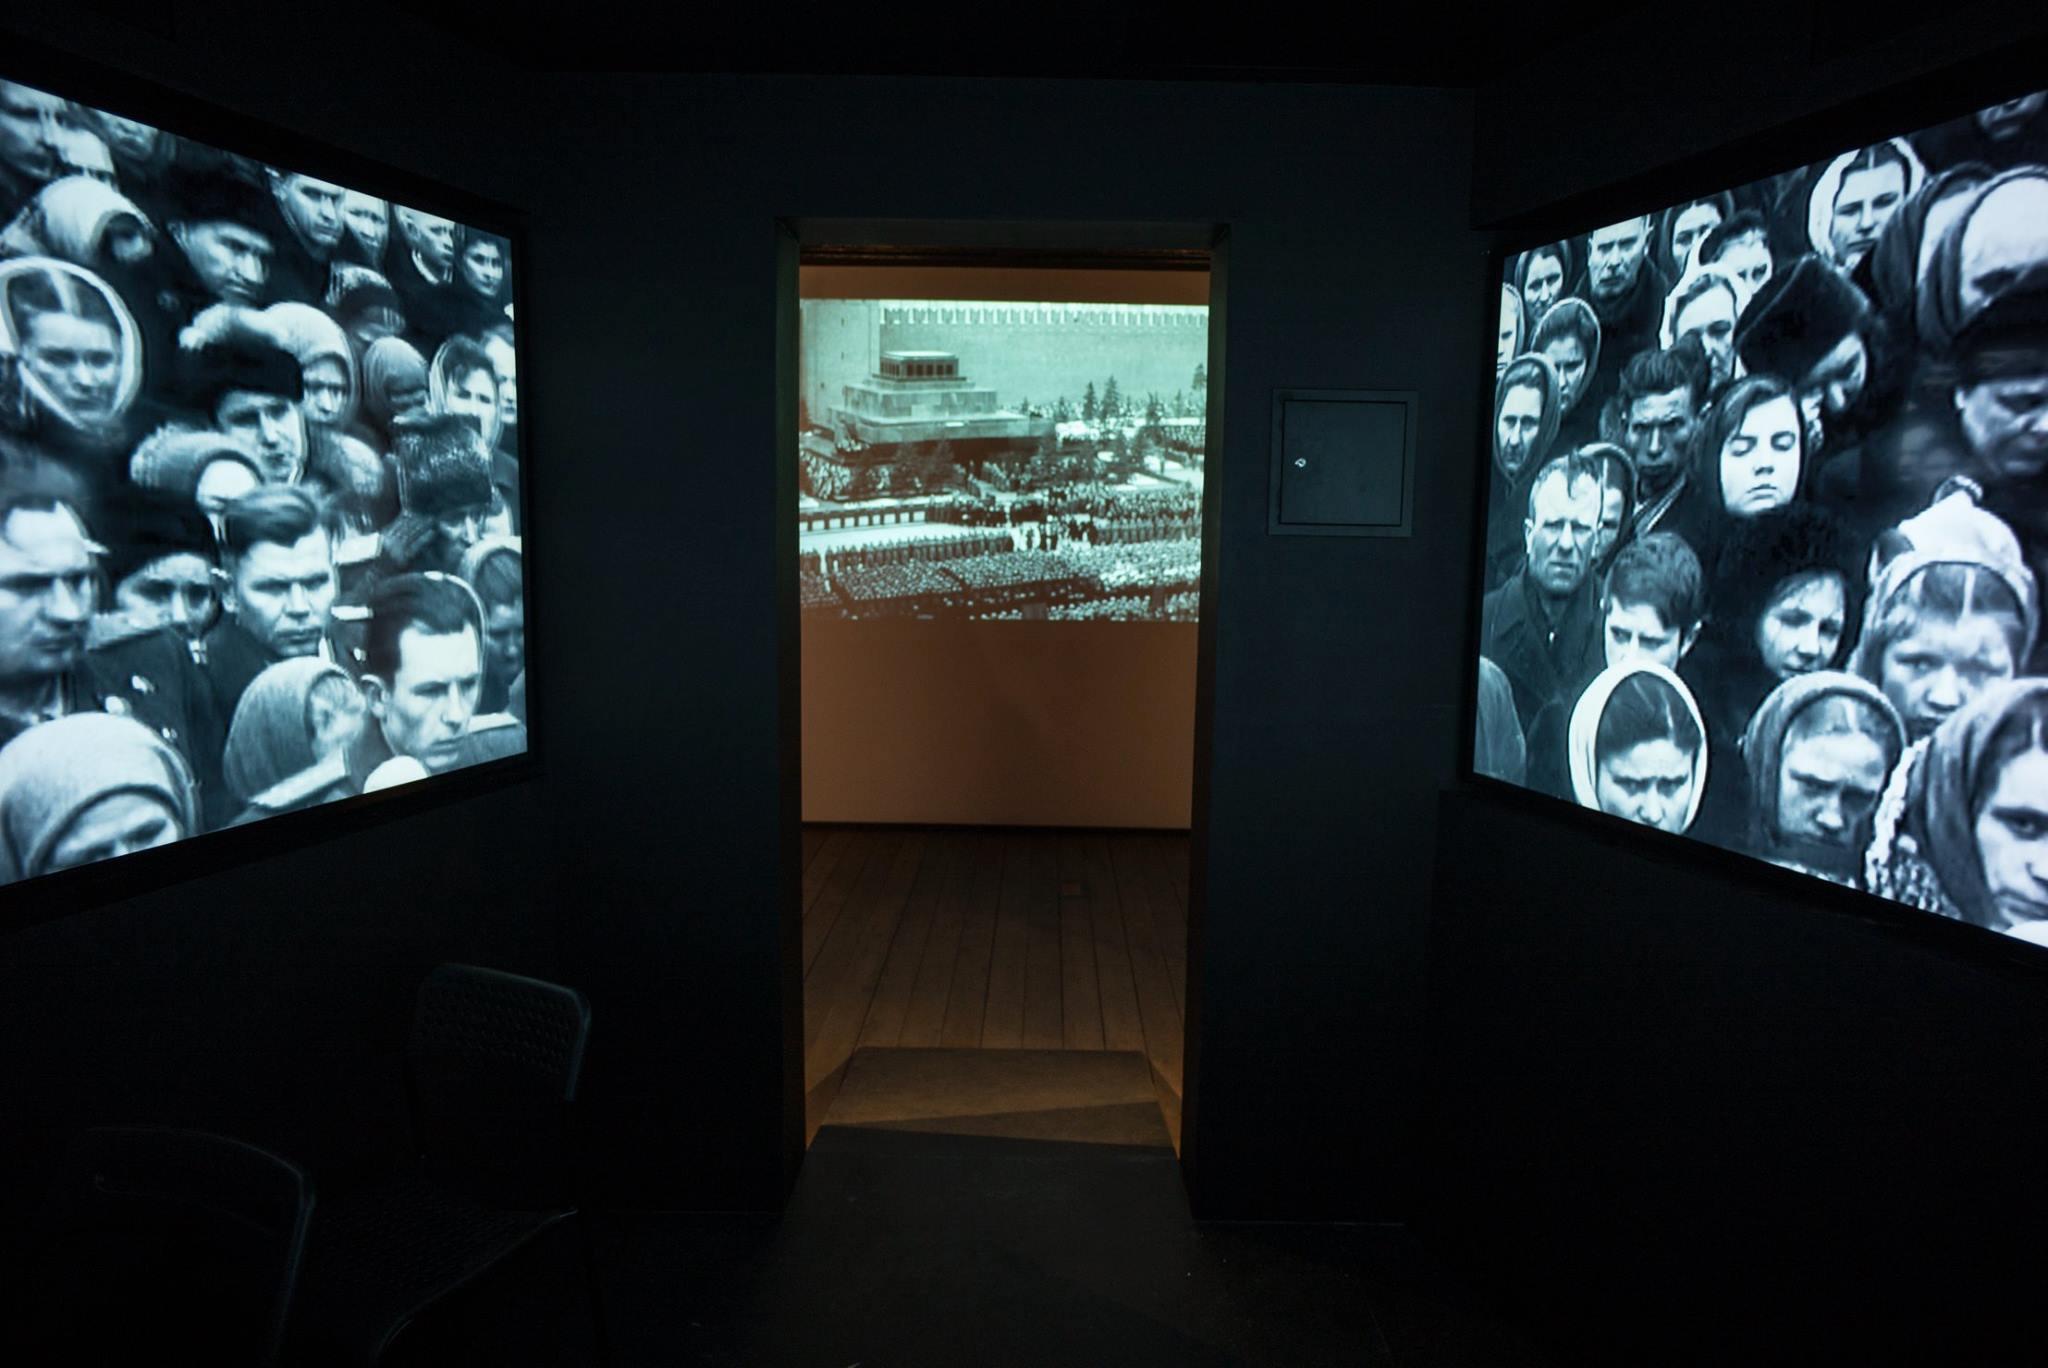 Открылось новое здание музея ГУЛАГа